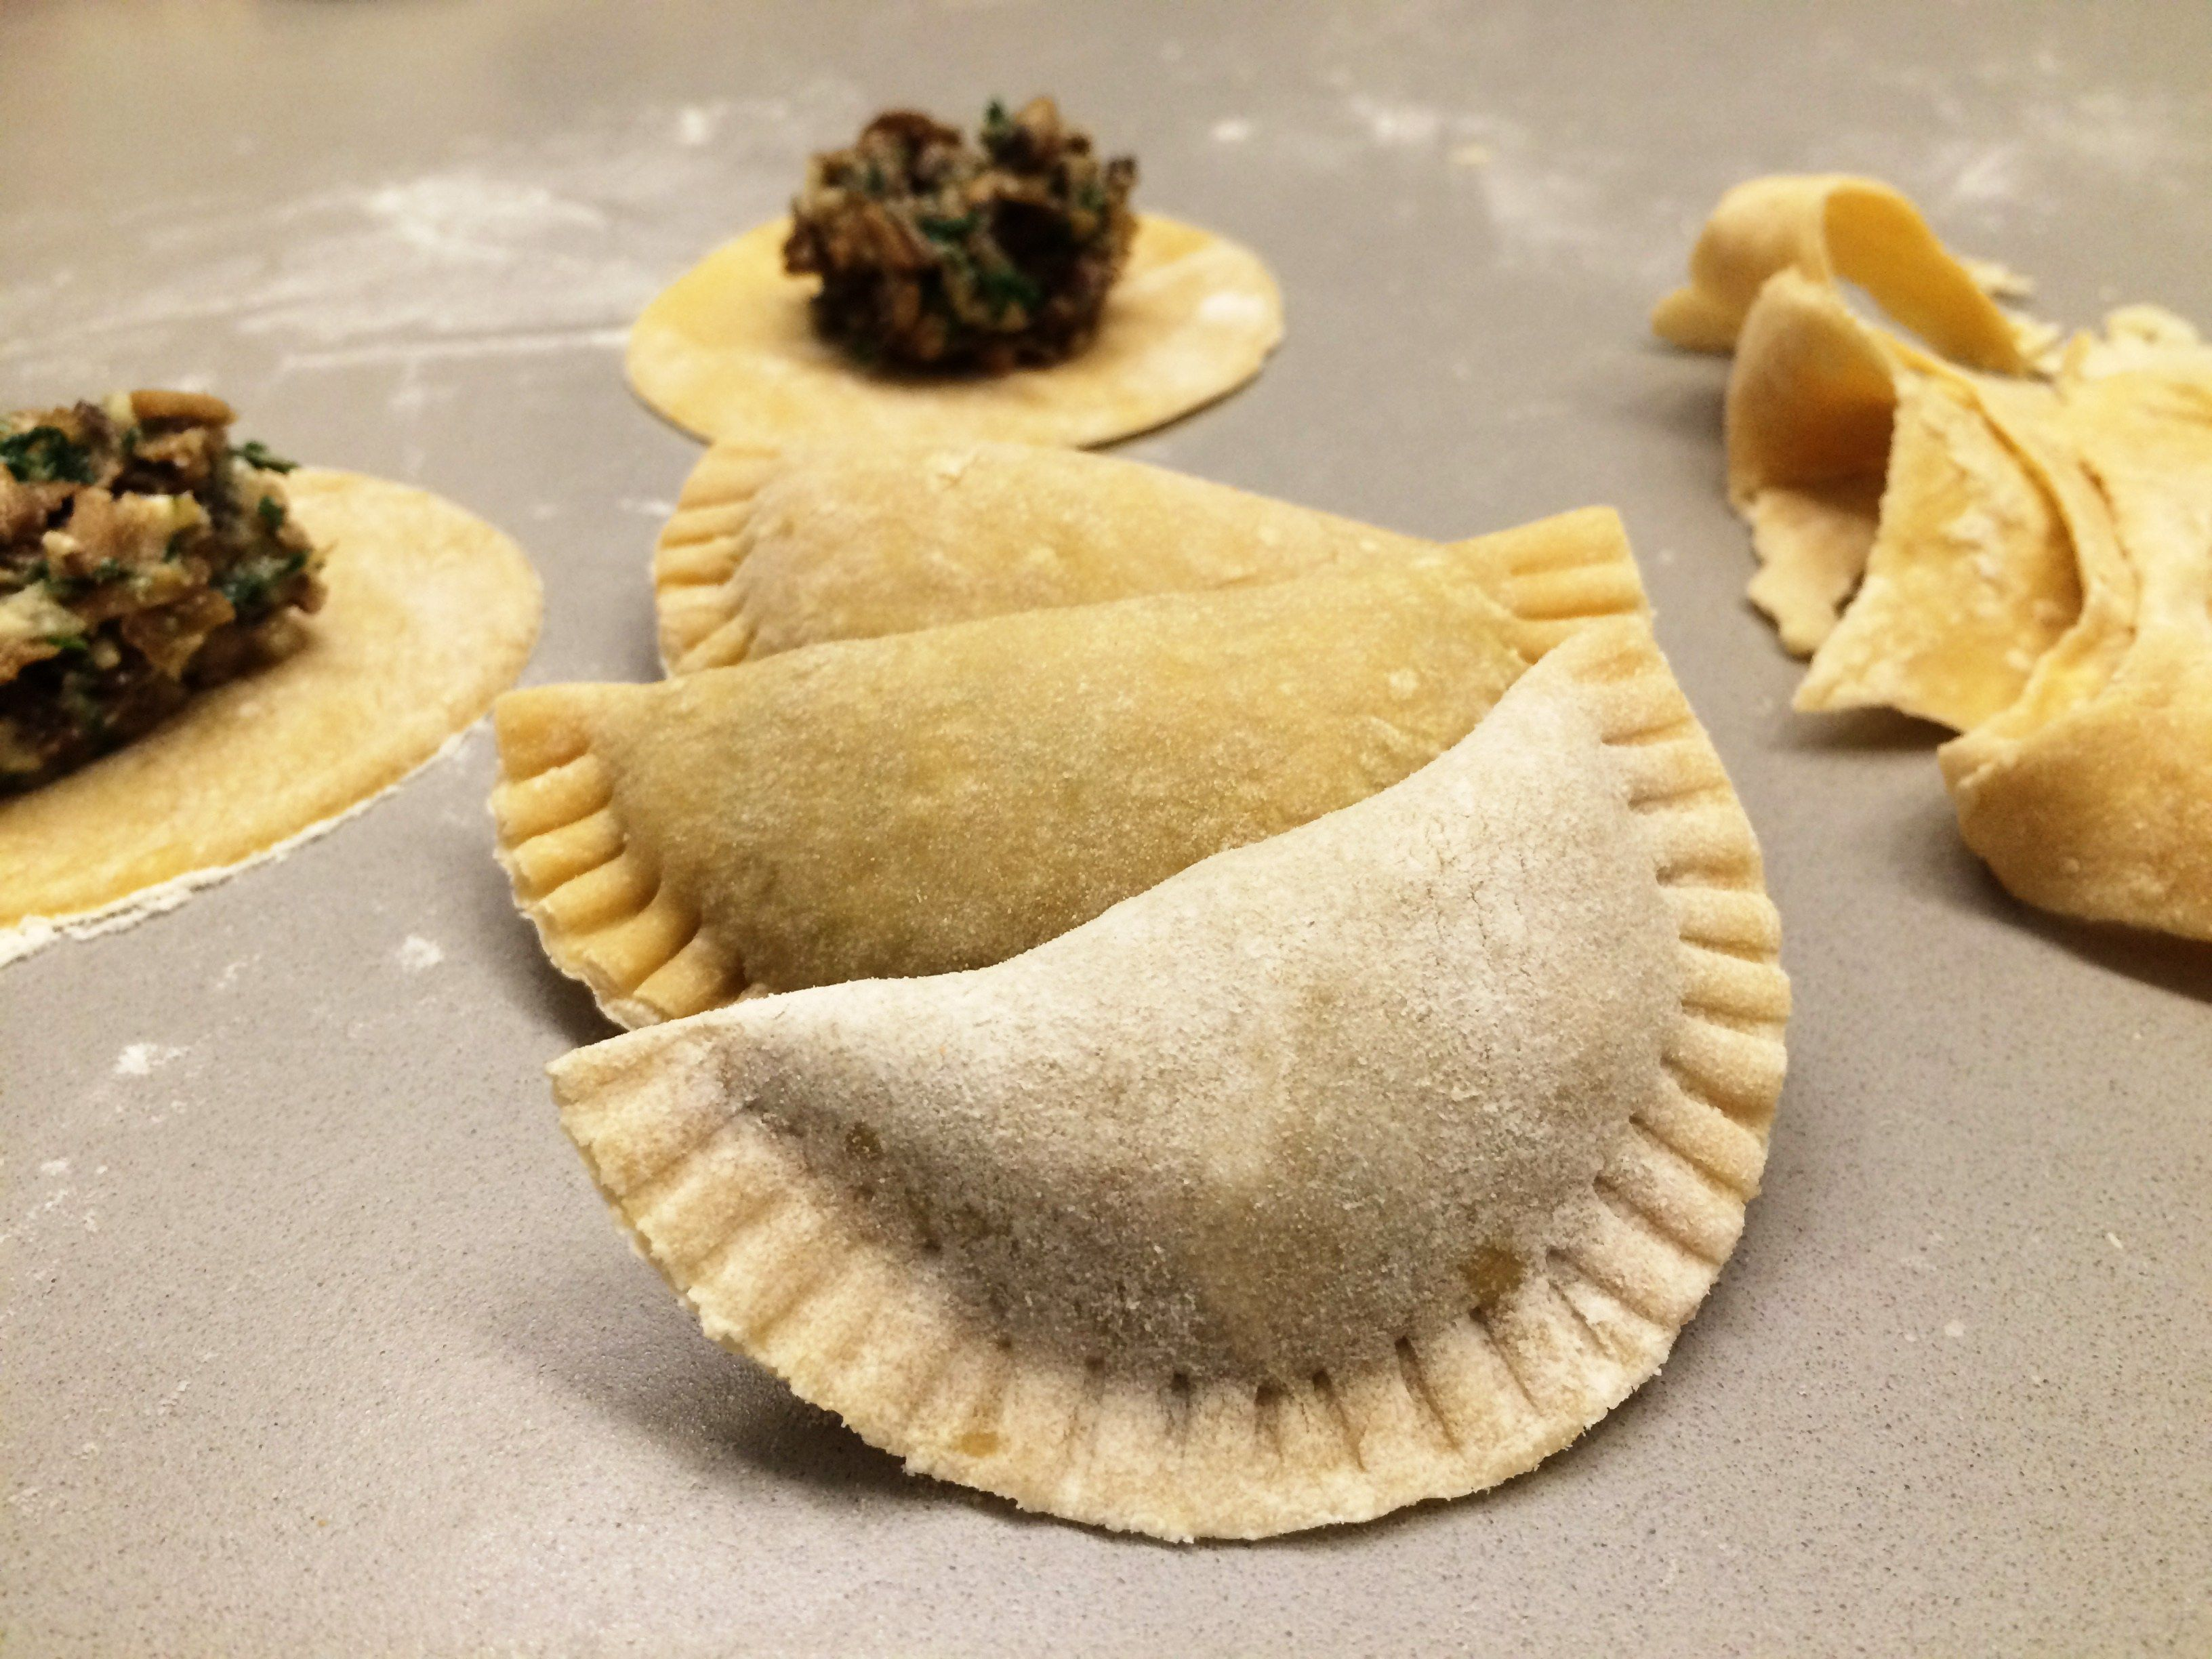 ravioli mit gorgonzola champignon f llung vegetarisch pinterest ravioli nudeln und. Black Bedroom Furniture Sets. Home Design Ideas